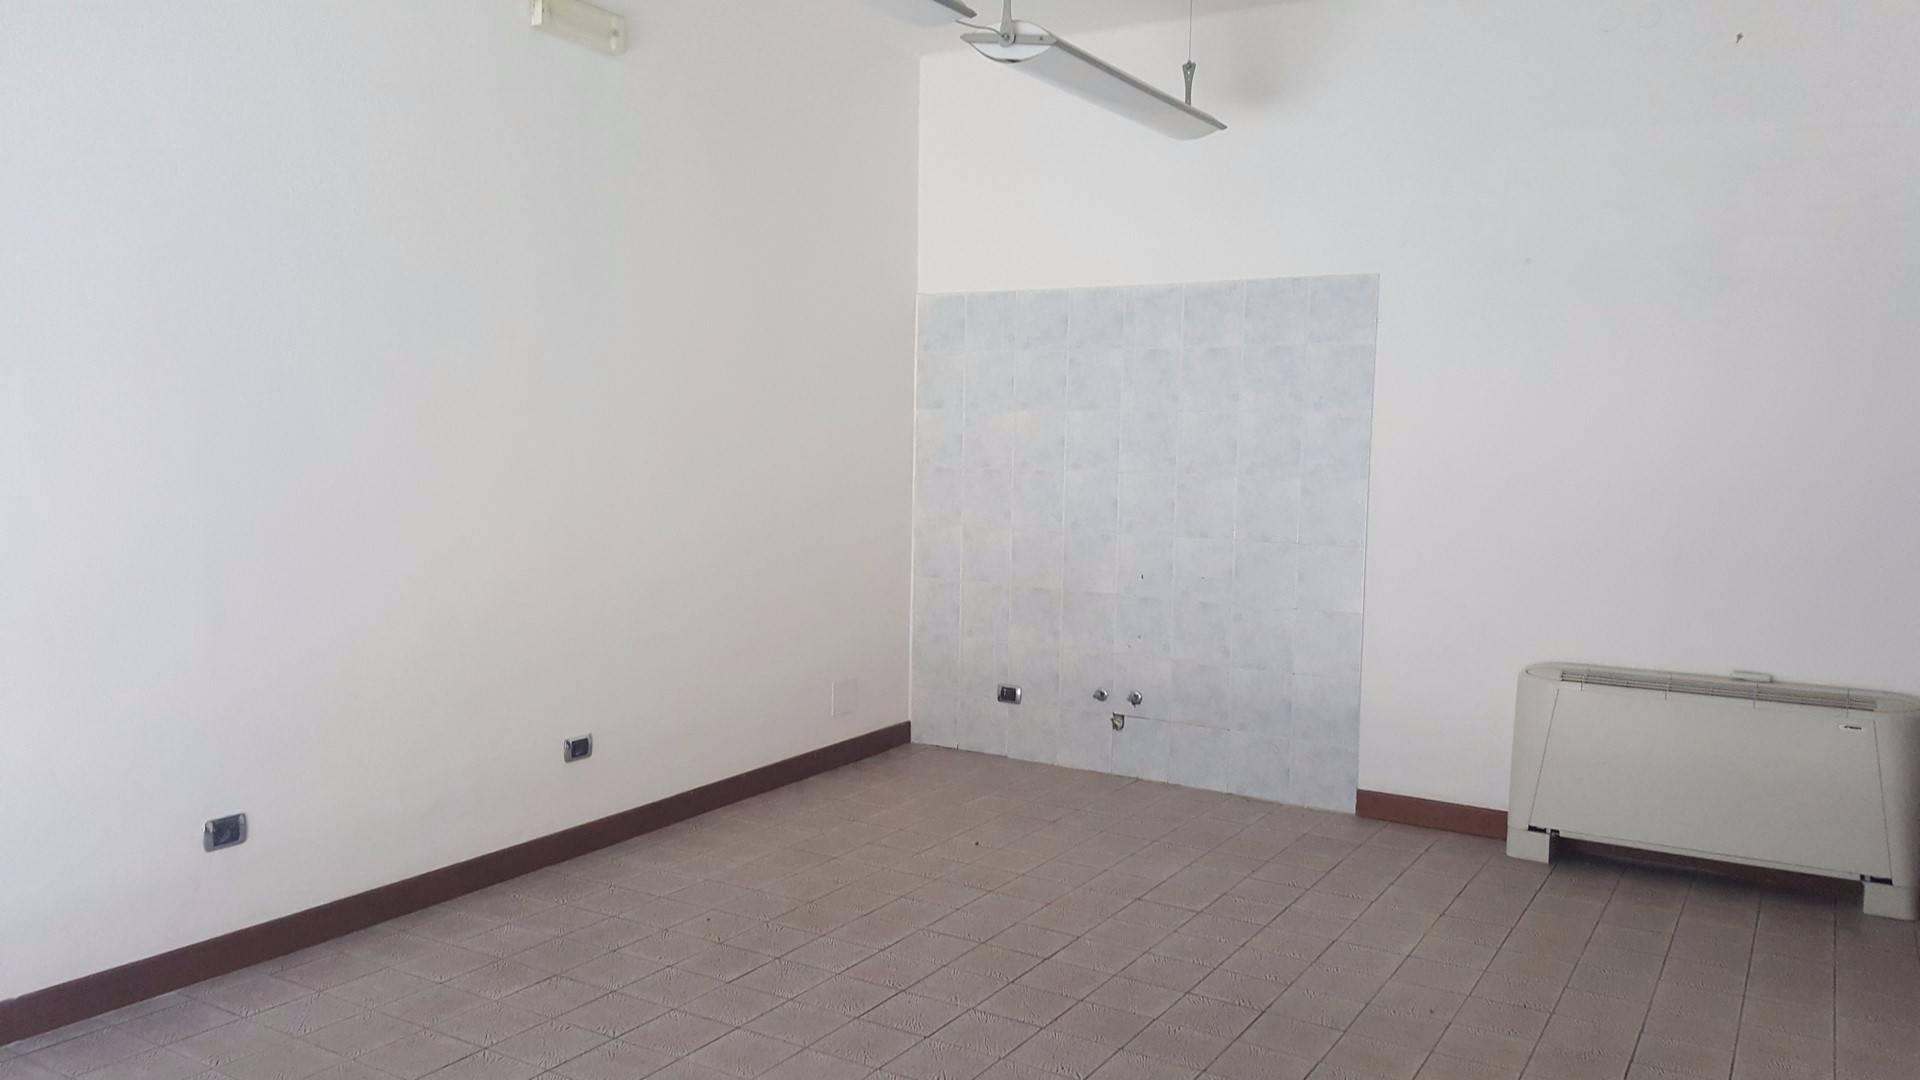 Negozio / Locale in affitto a Monteforte d'Alpone, 9999 locali, zona Zona: Costalunga, prezzo € 400 | CambioCasa.it